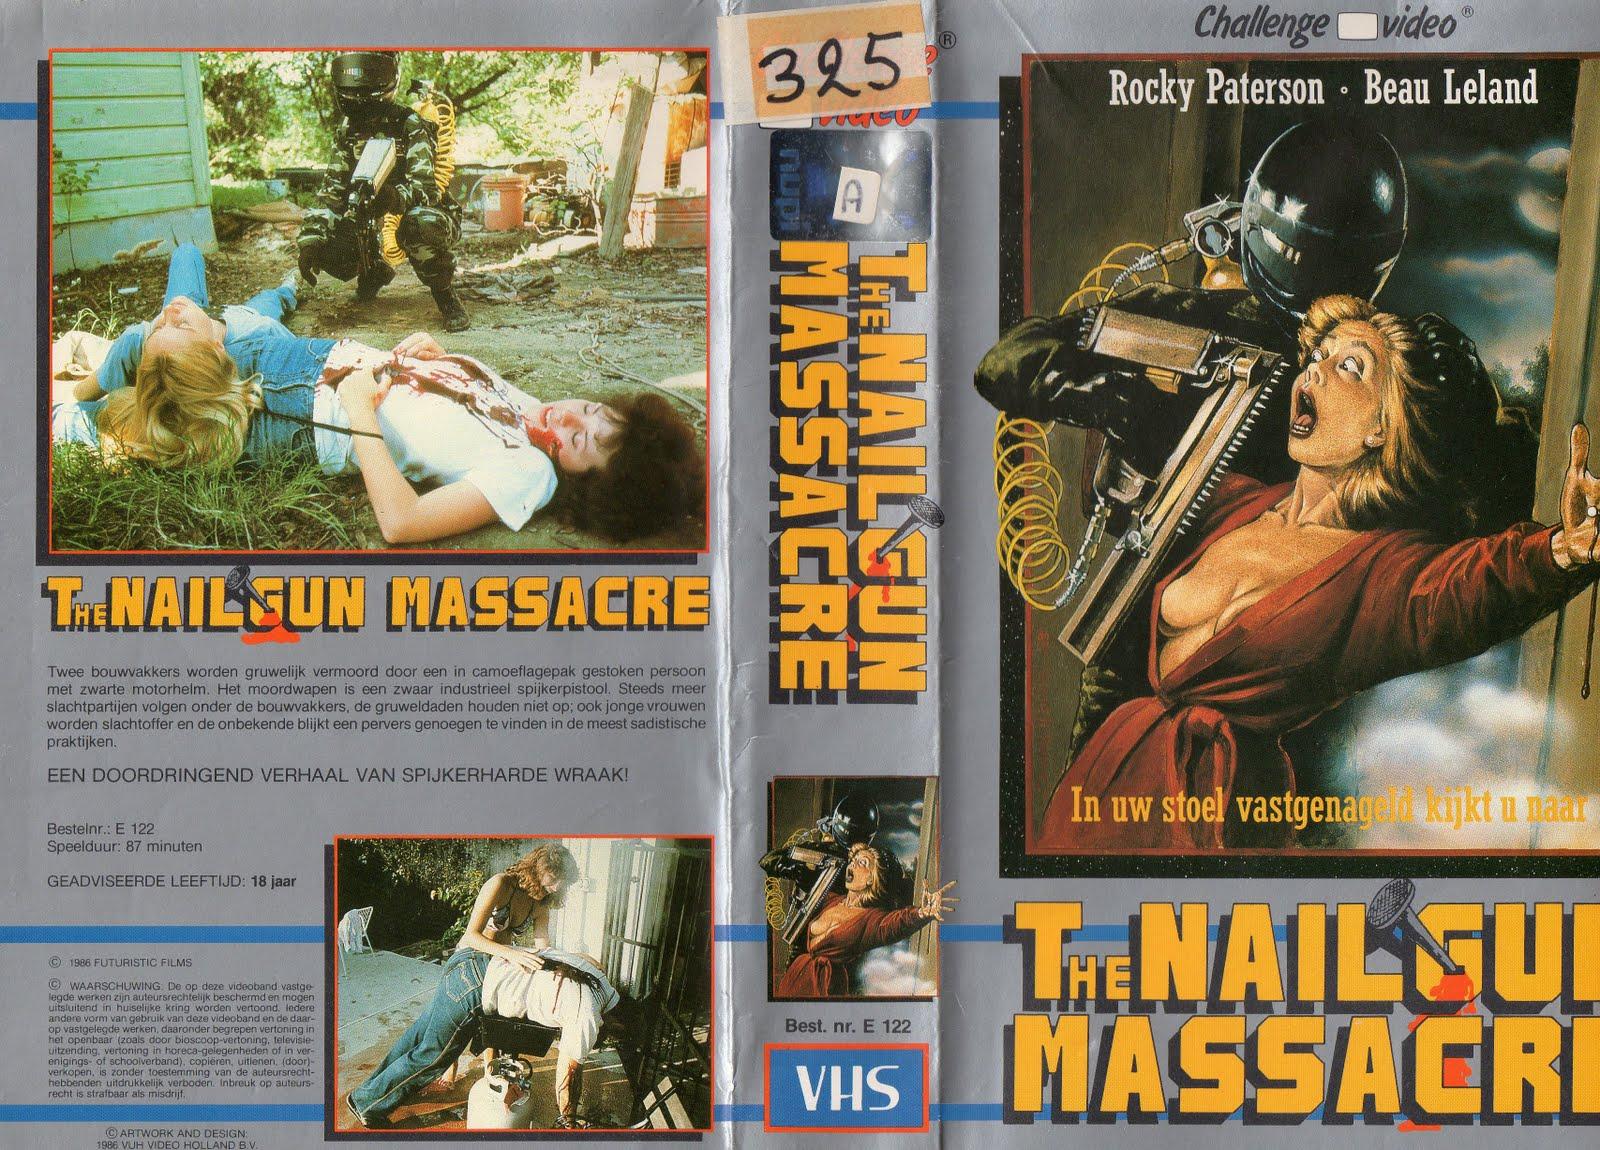 Cult VHS: The nailgun massacre